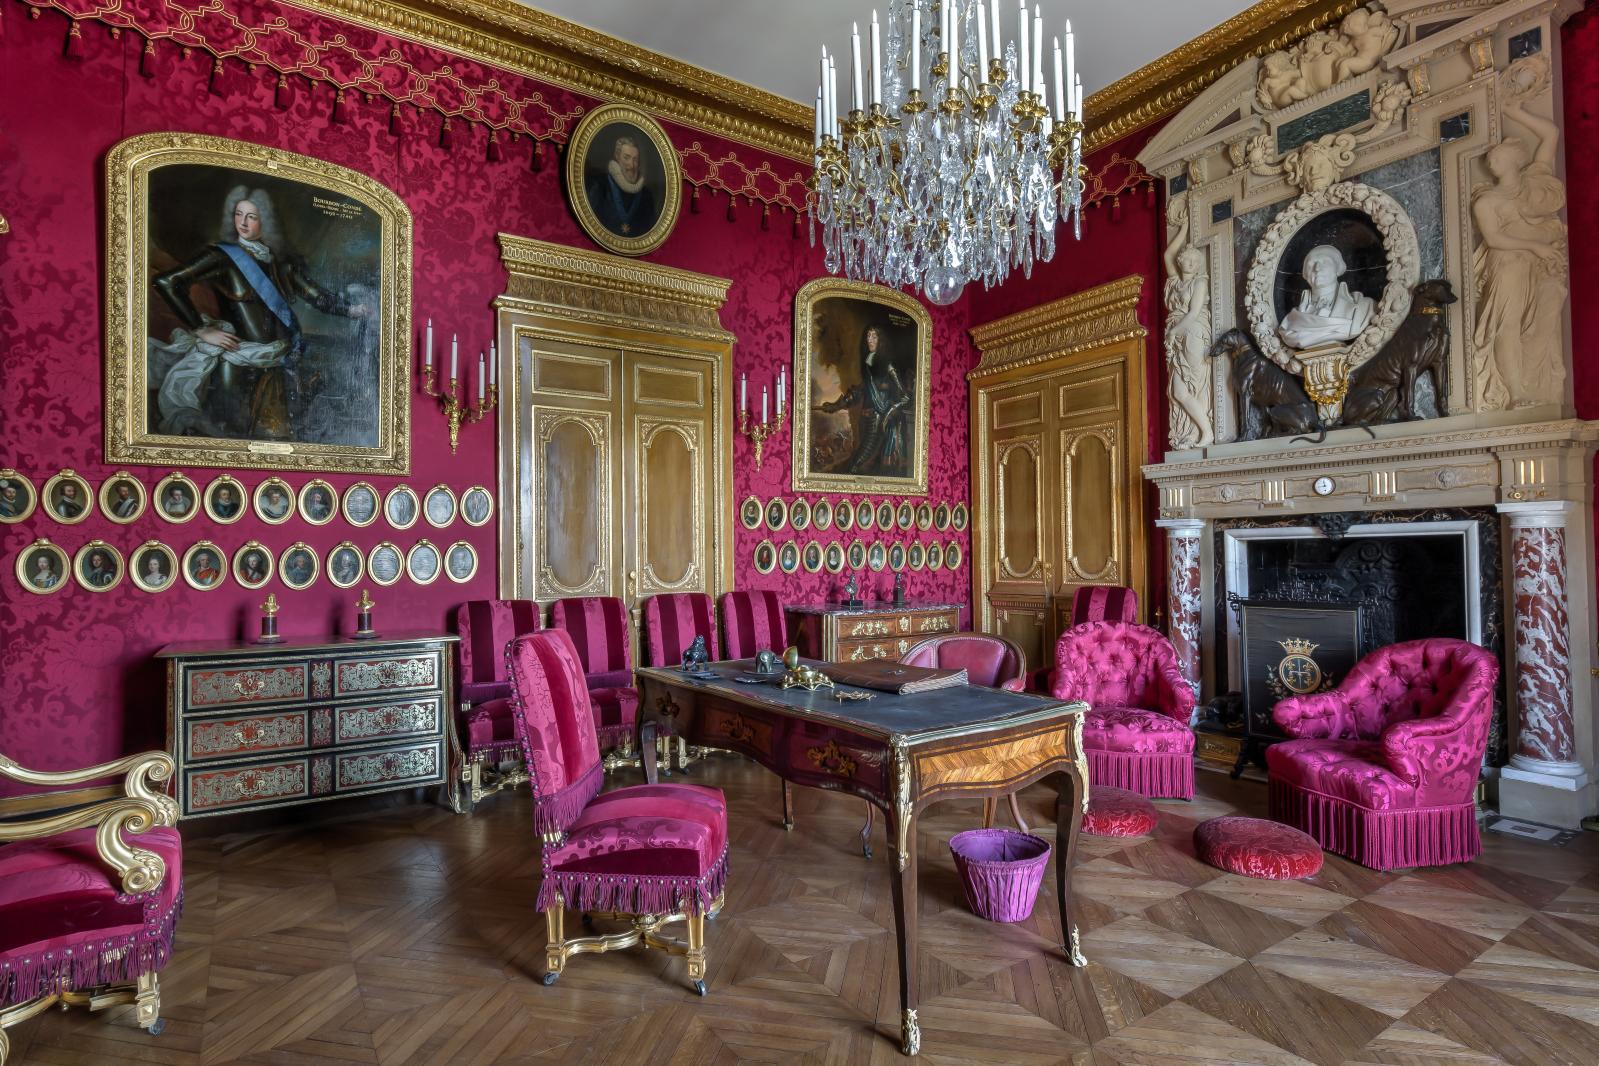 Salon de Condé, son esthétique Louis XIV glorifie la Grand Condé et la dynastie des Bourbon-Condé. Meubles Boulle et «néo-Boulle», sièges à dossier dr